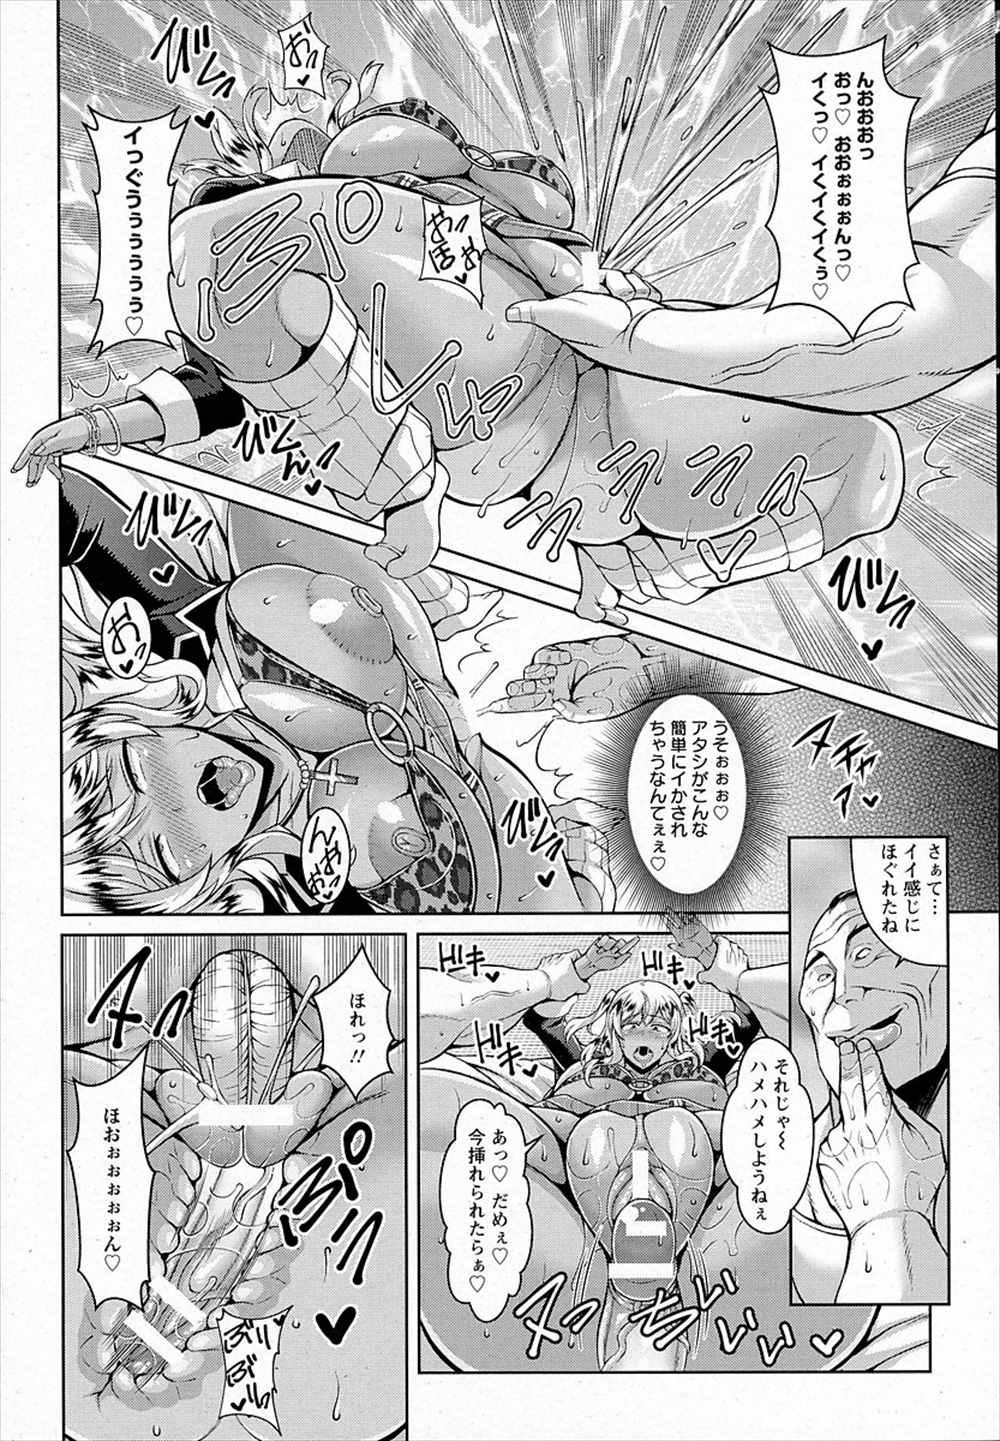 【エロ漫画】万引きを教師に盗撮されたギャルビッチJKが脅迫レイプされて調教肉便器になってしまうwww